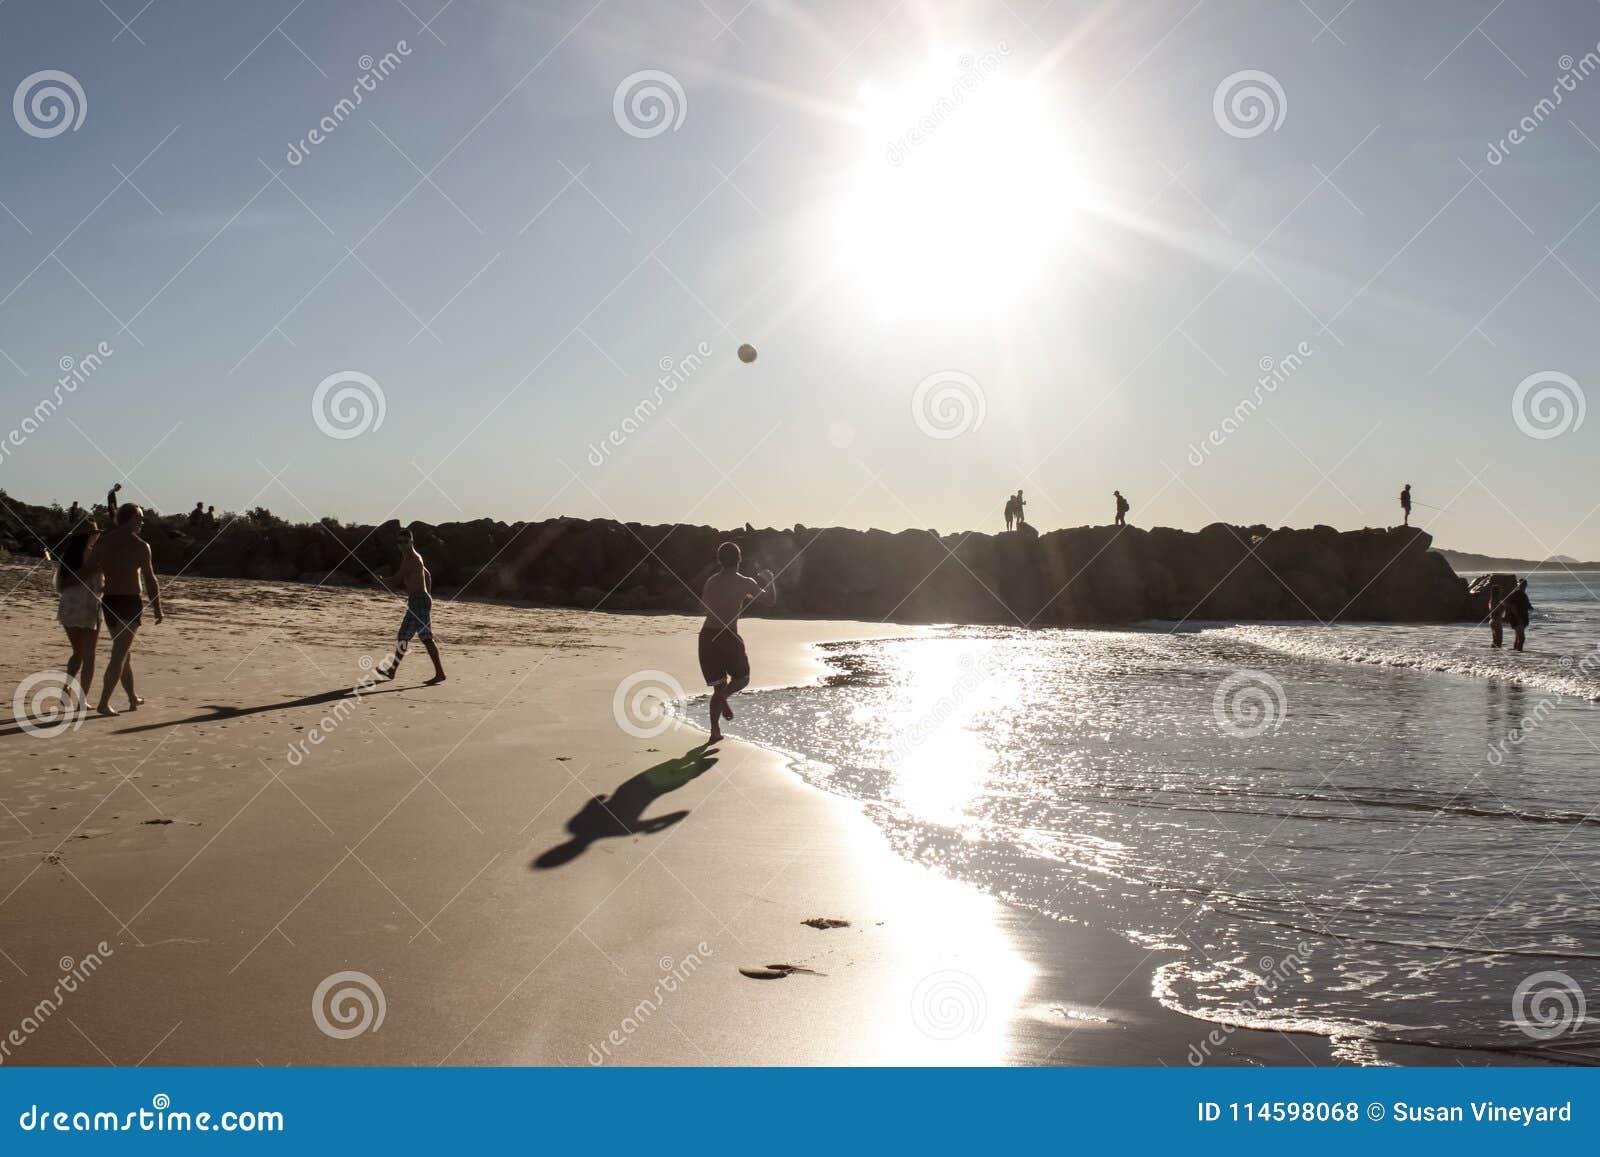 Der Junge, der Ball am Strand spielen, während andere Leute vorbei schlendern oder die Fische oder klettern den Rock am späten Na